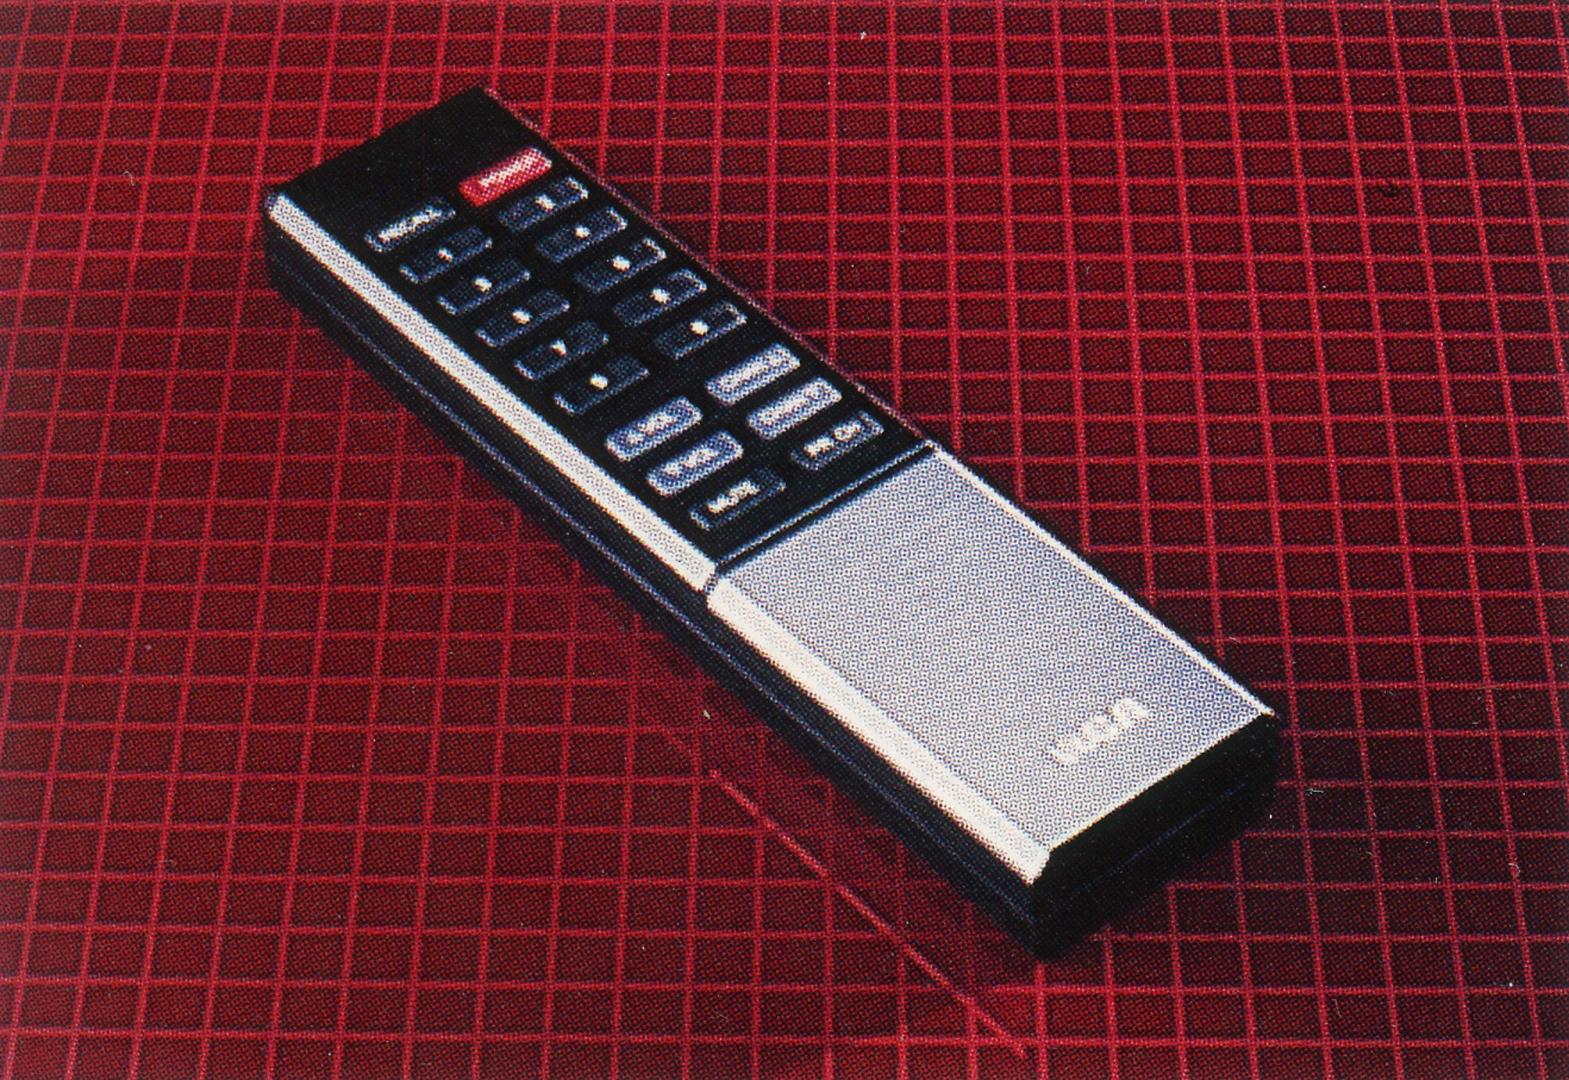 ©, RCA Corporation, Remote Control Device